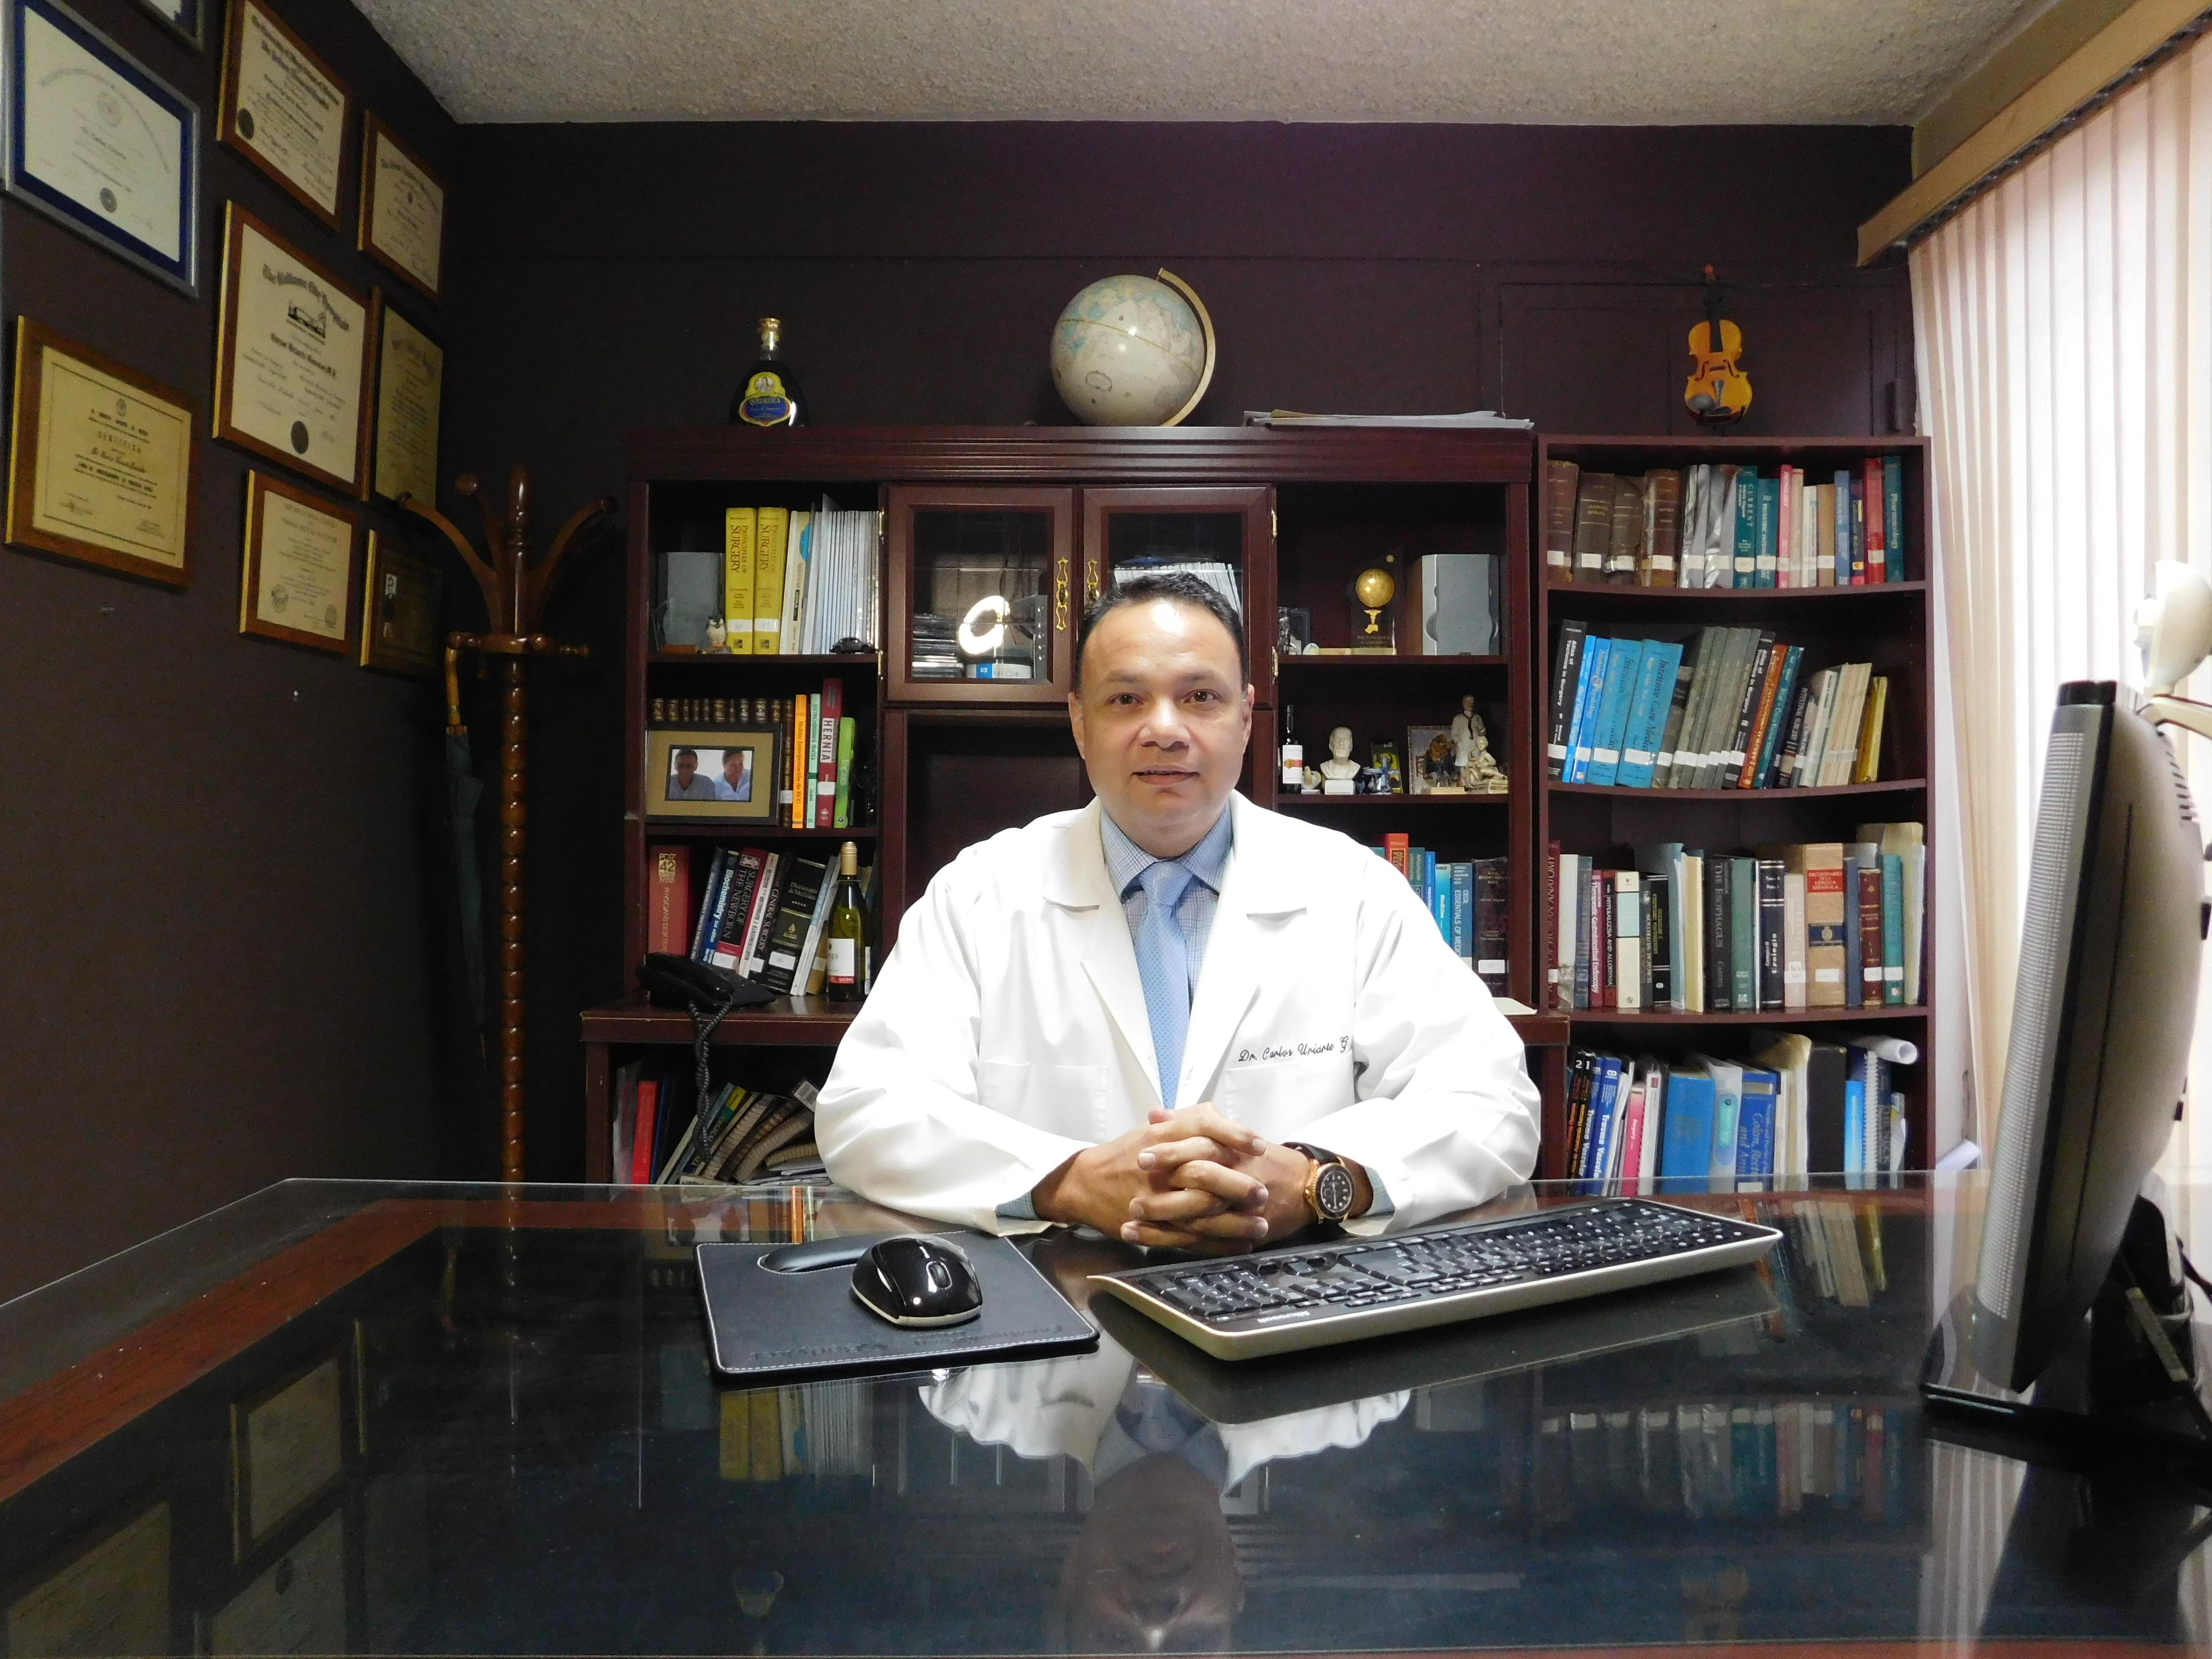 Dr. Carlos Uriarte